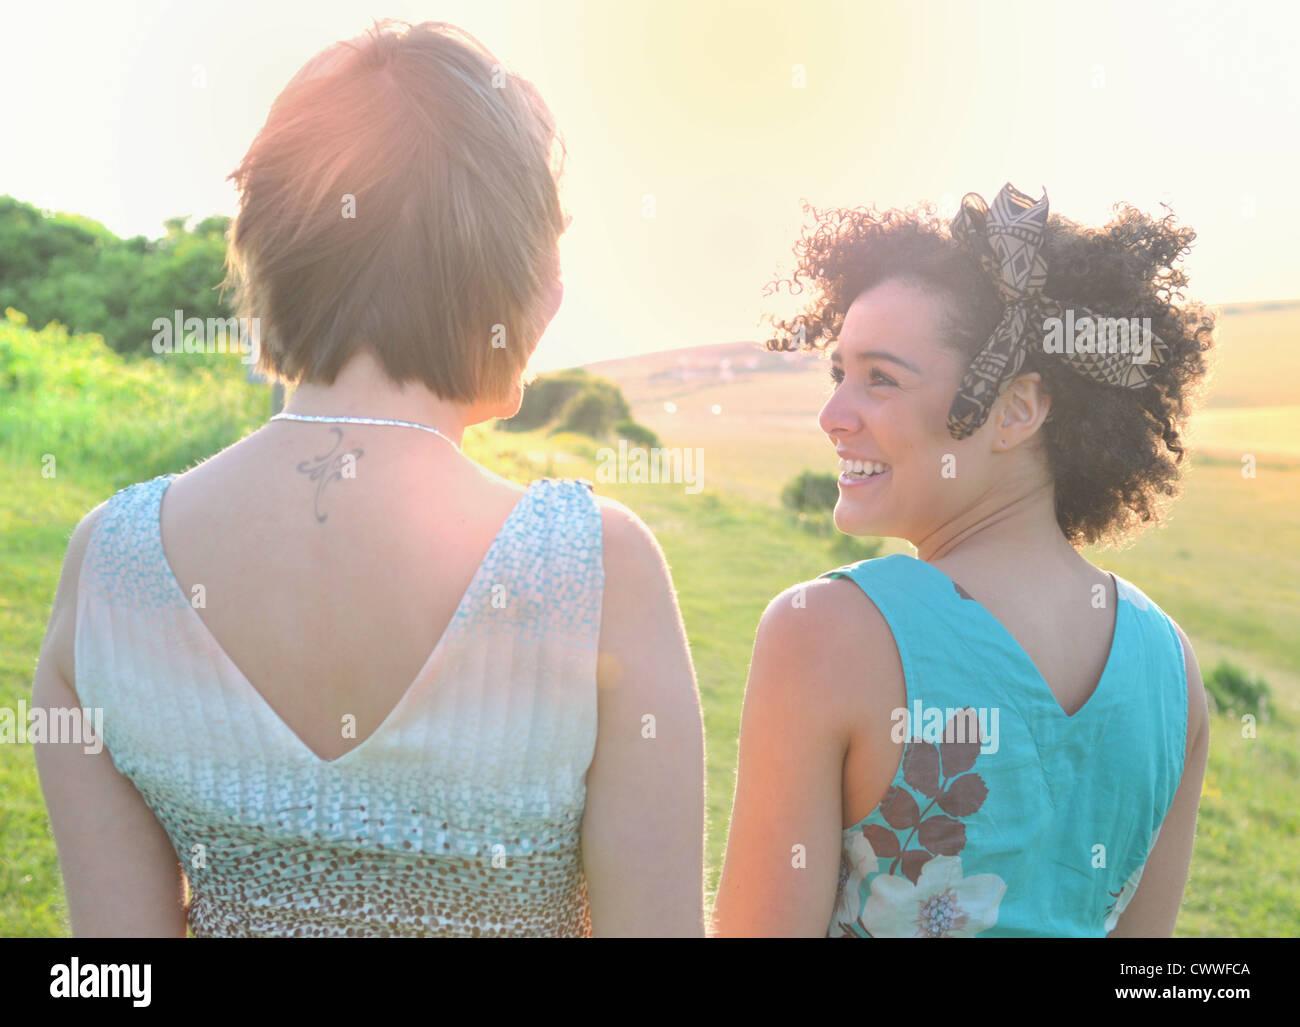 Lächelnde Frauen stehen auf Wiese Stockbild